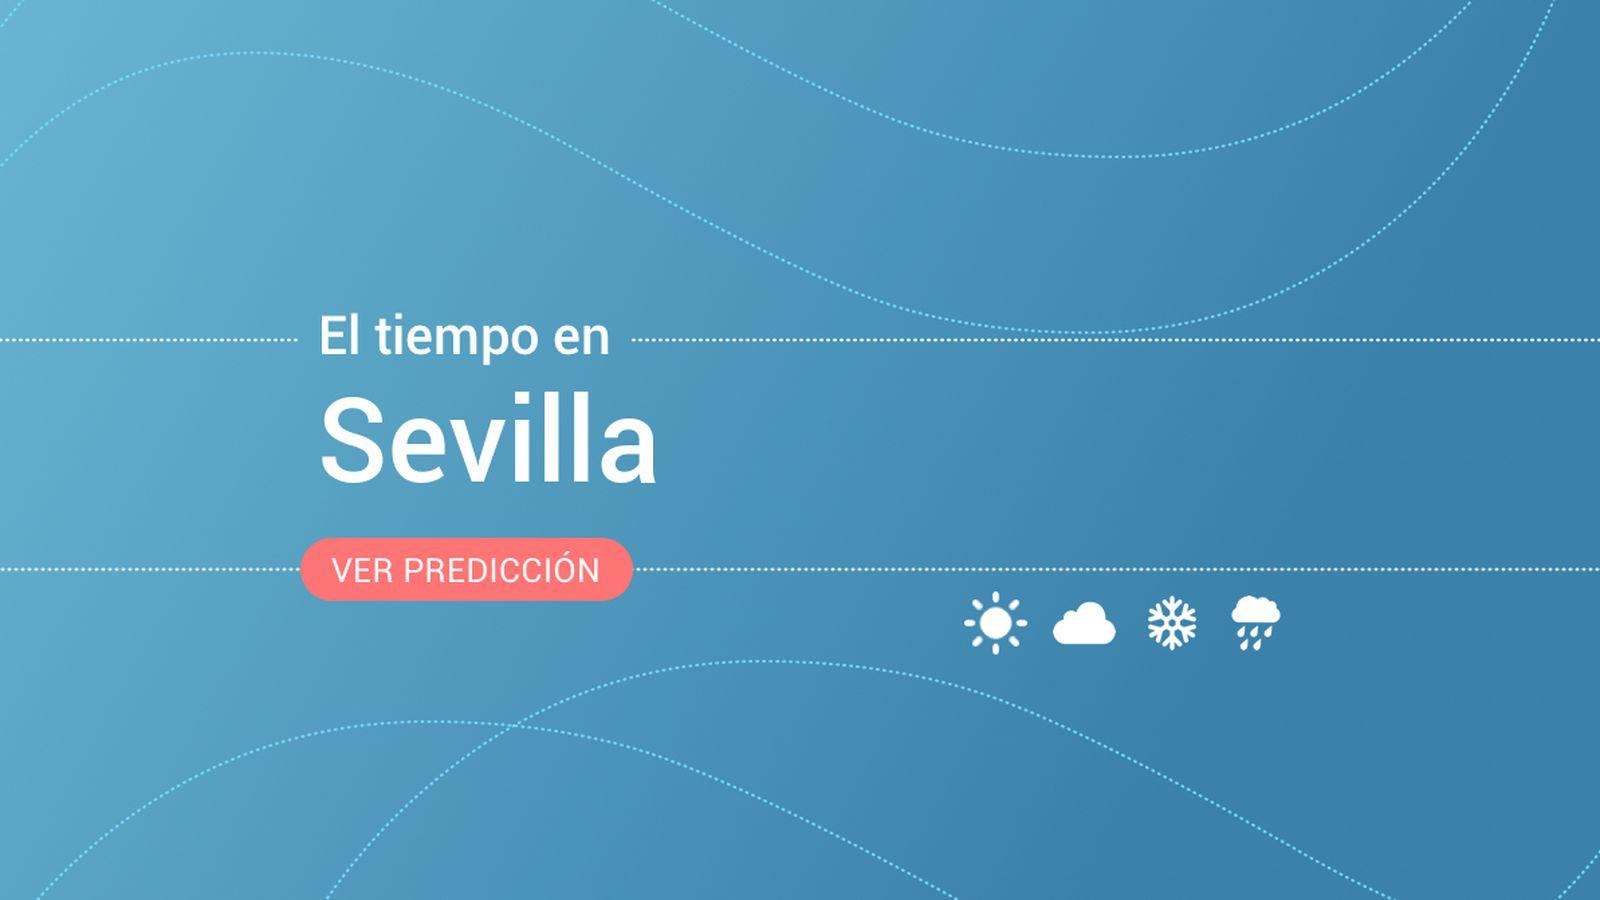 Foto: El tiempo en Sevilla. (EC)